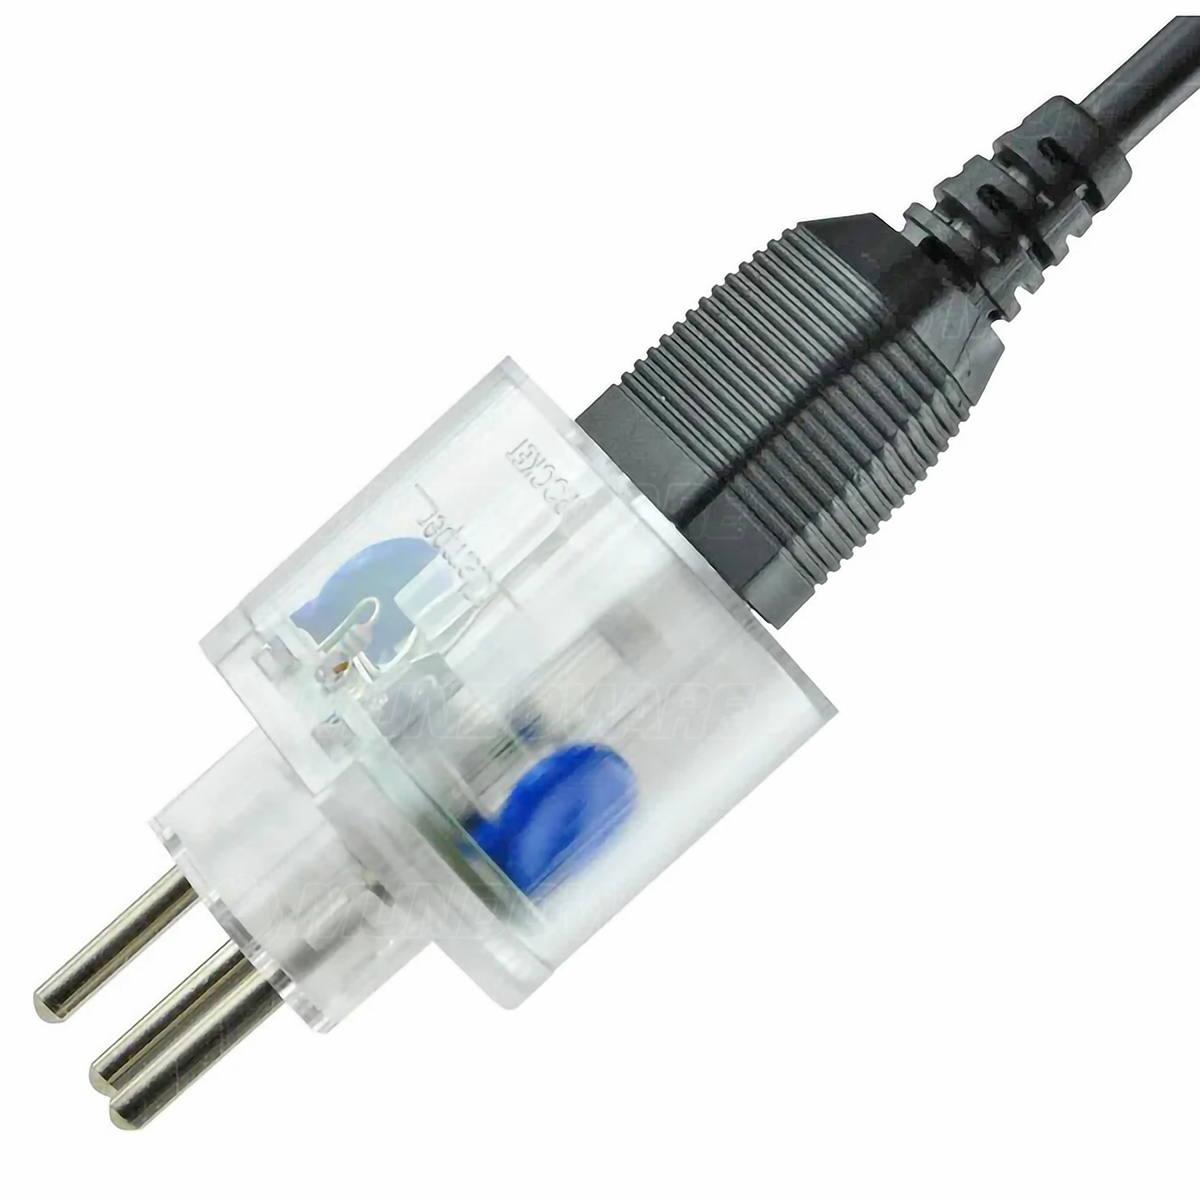 DPS iClamper Pocket X 3PN Plug & Use para Entrada Padrão NEMA 2P+T e Saída (Tomada) Padrão Brasileiro 3P Transparente